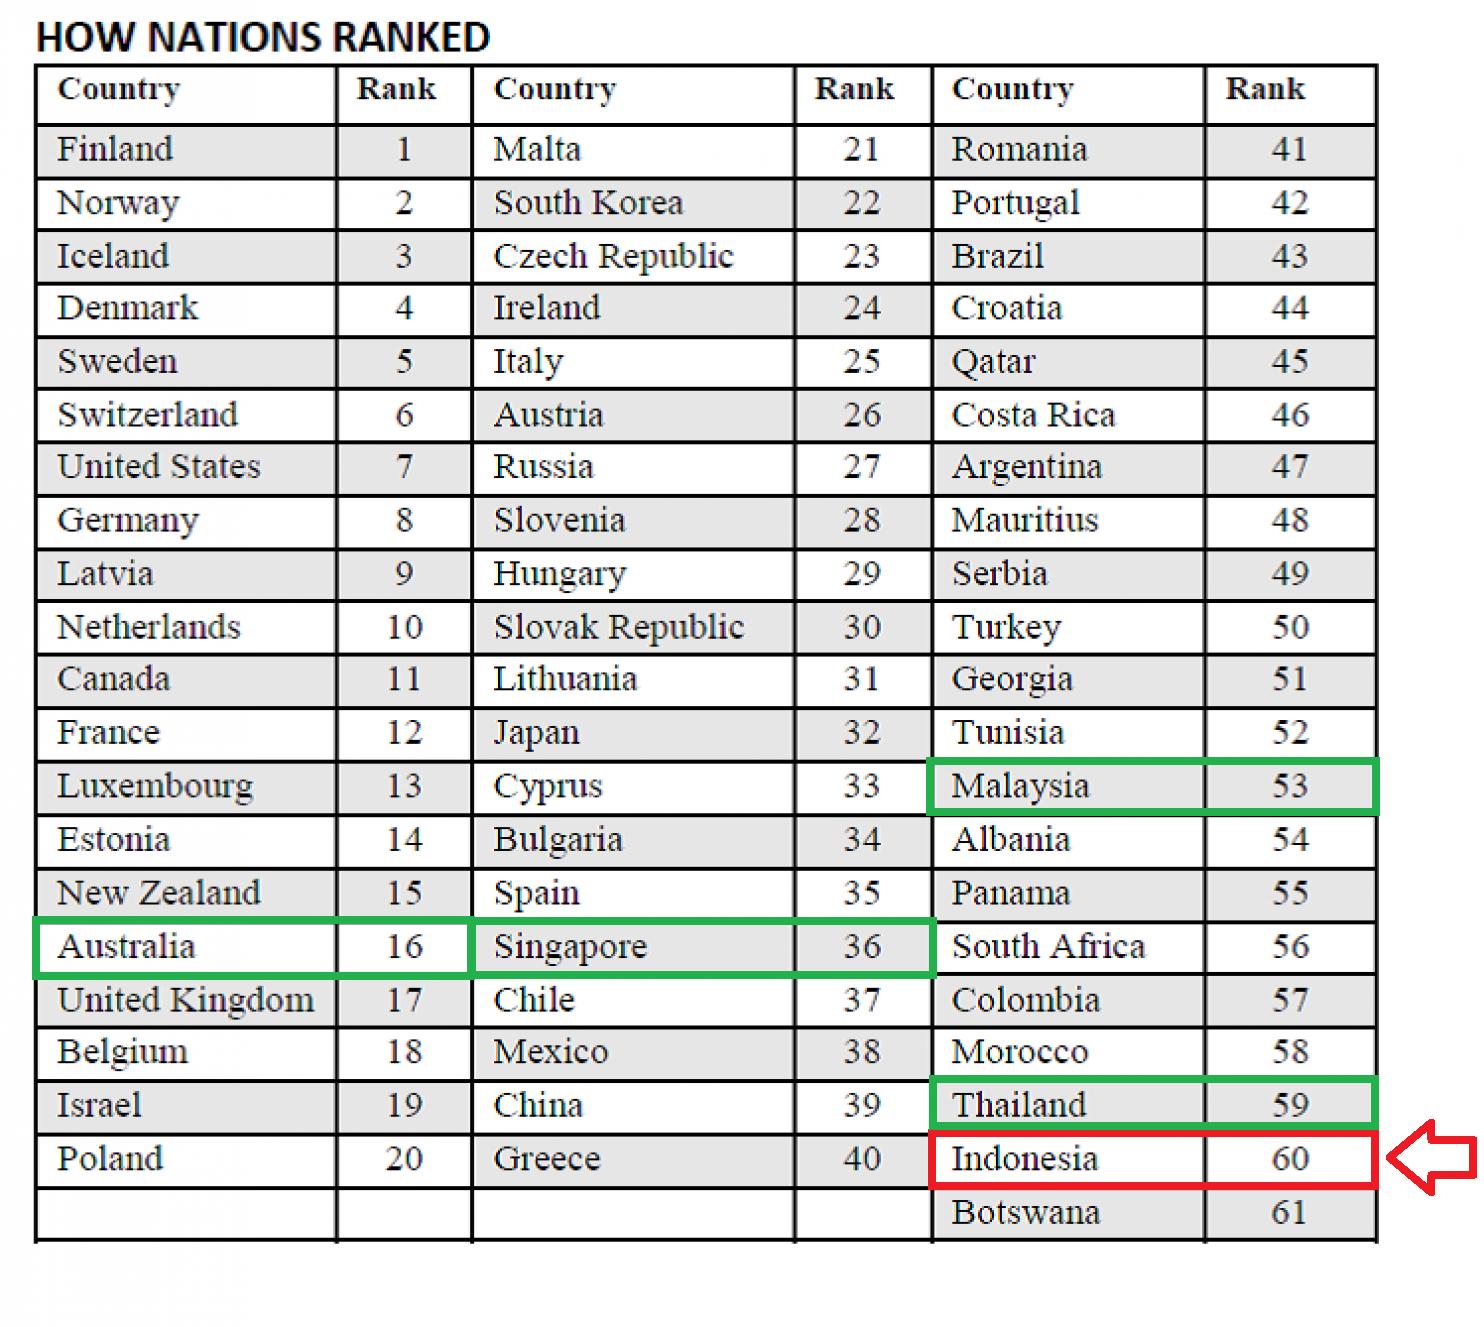 Bahkan kita kalah dengan tetangga kita Thailand yang menduduki peringkat 59 Malaysia dengan peringkat 53 Singapura pada posisi 36 serta Australia pada